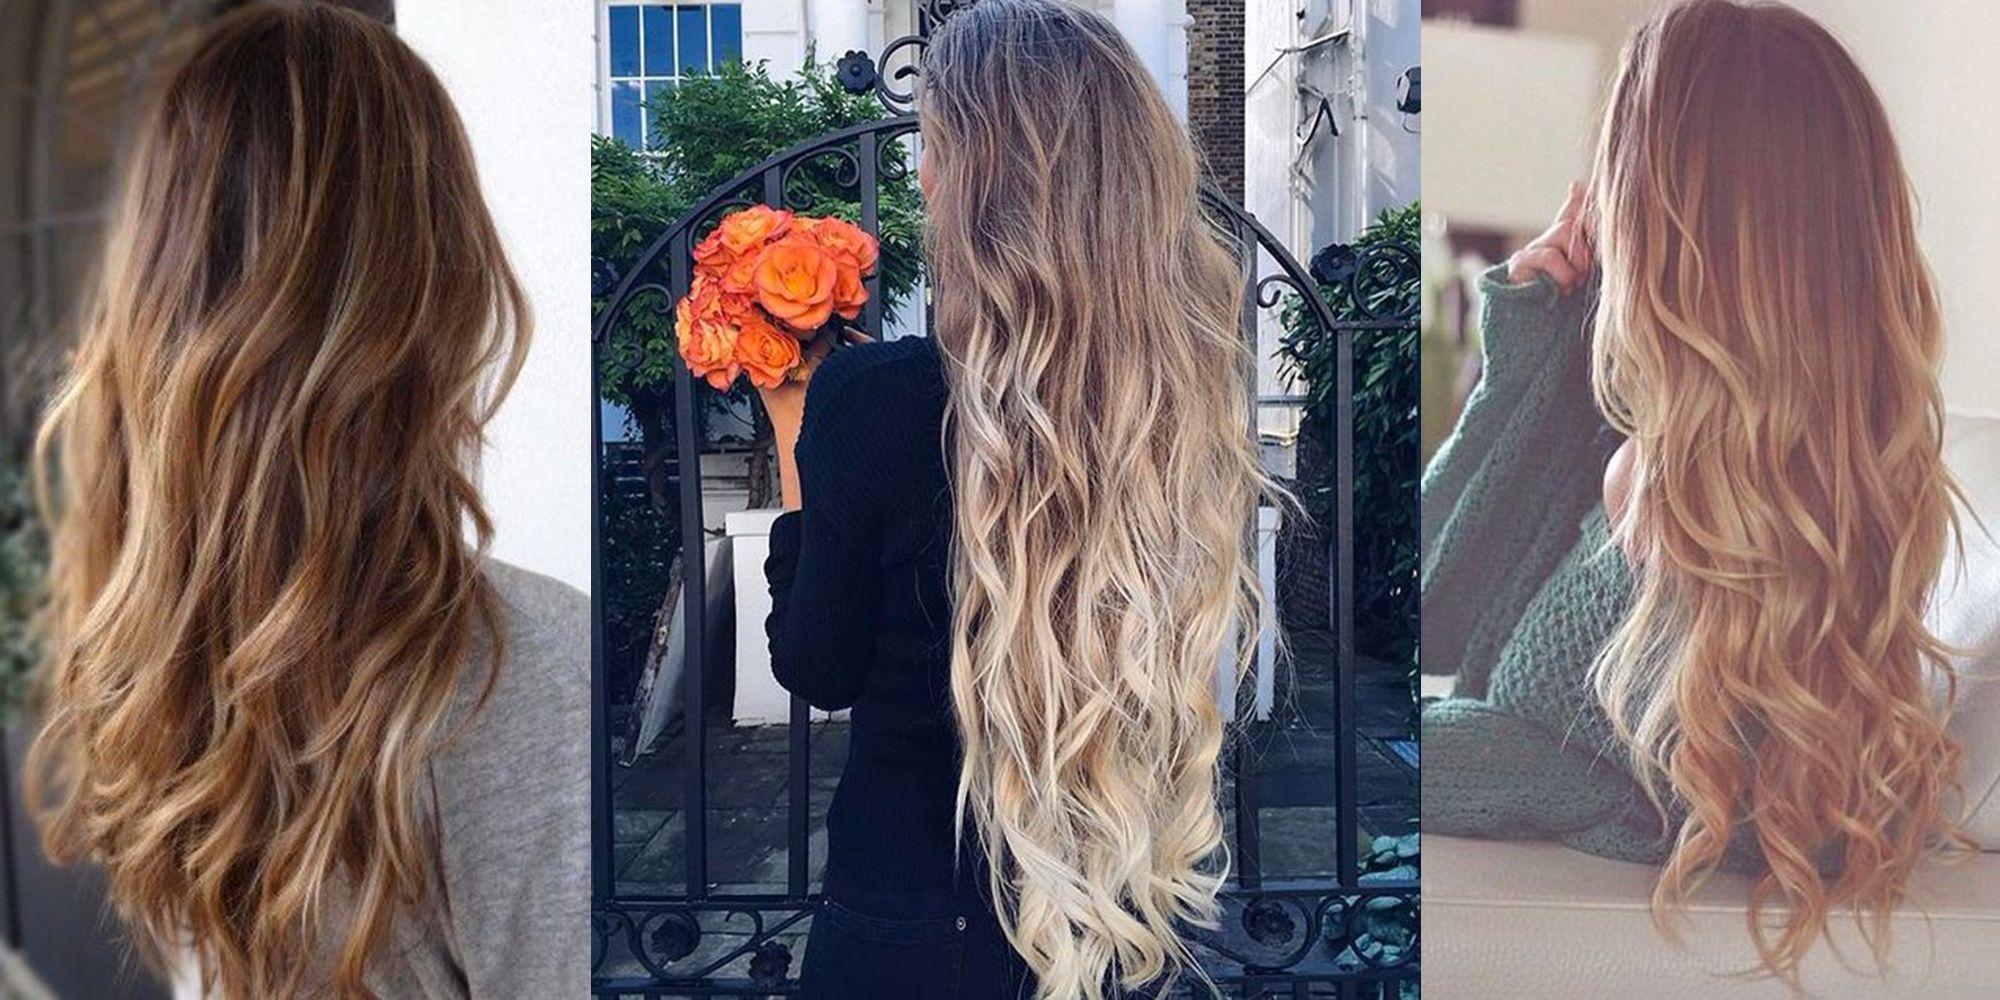 Vorrei avere i capelli ricci